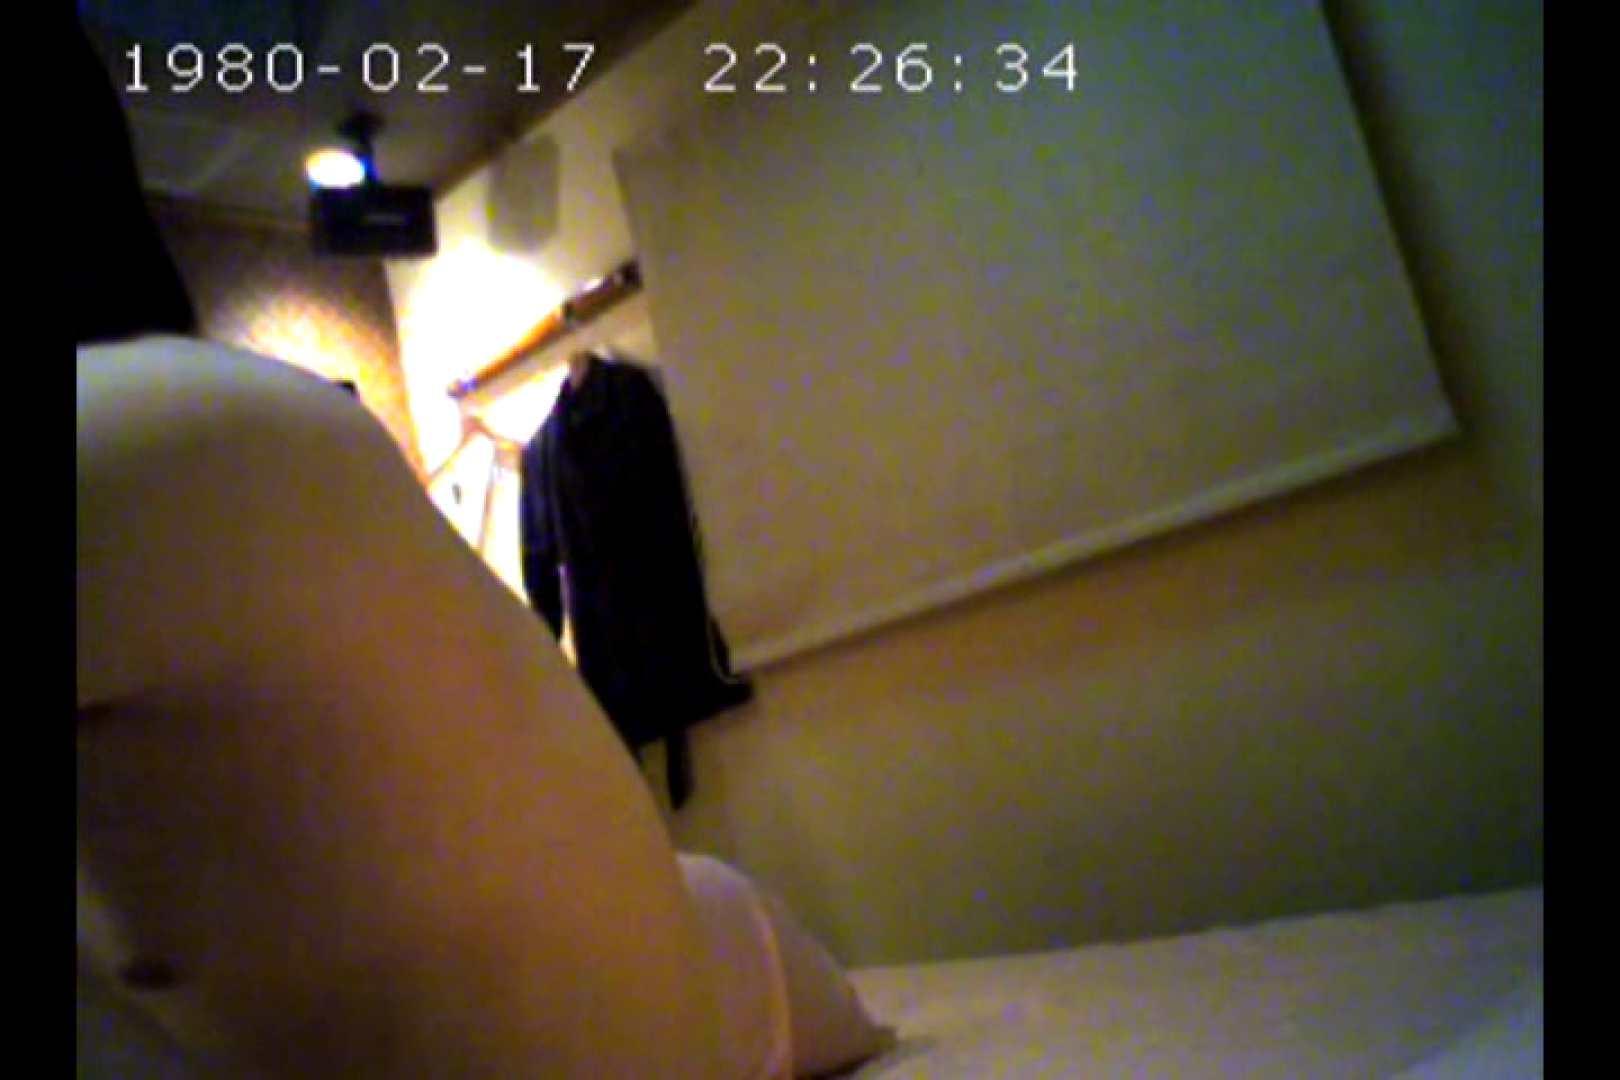 ハメられた女達 vol.04 セックスエロ動画 | ホテルでエッチ  105PIX 97